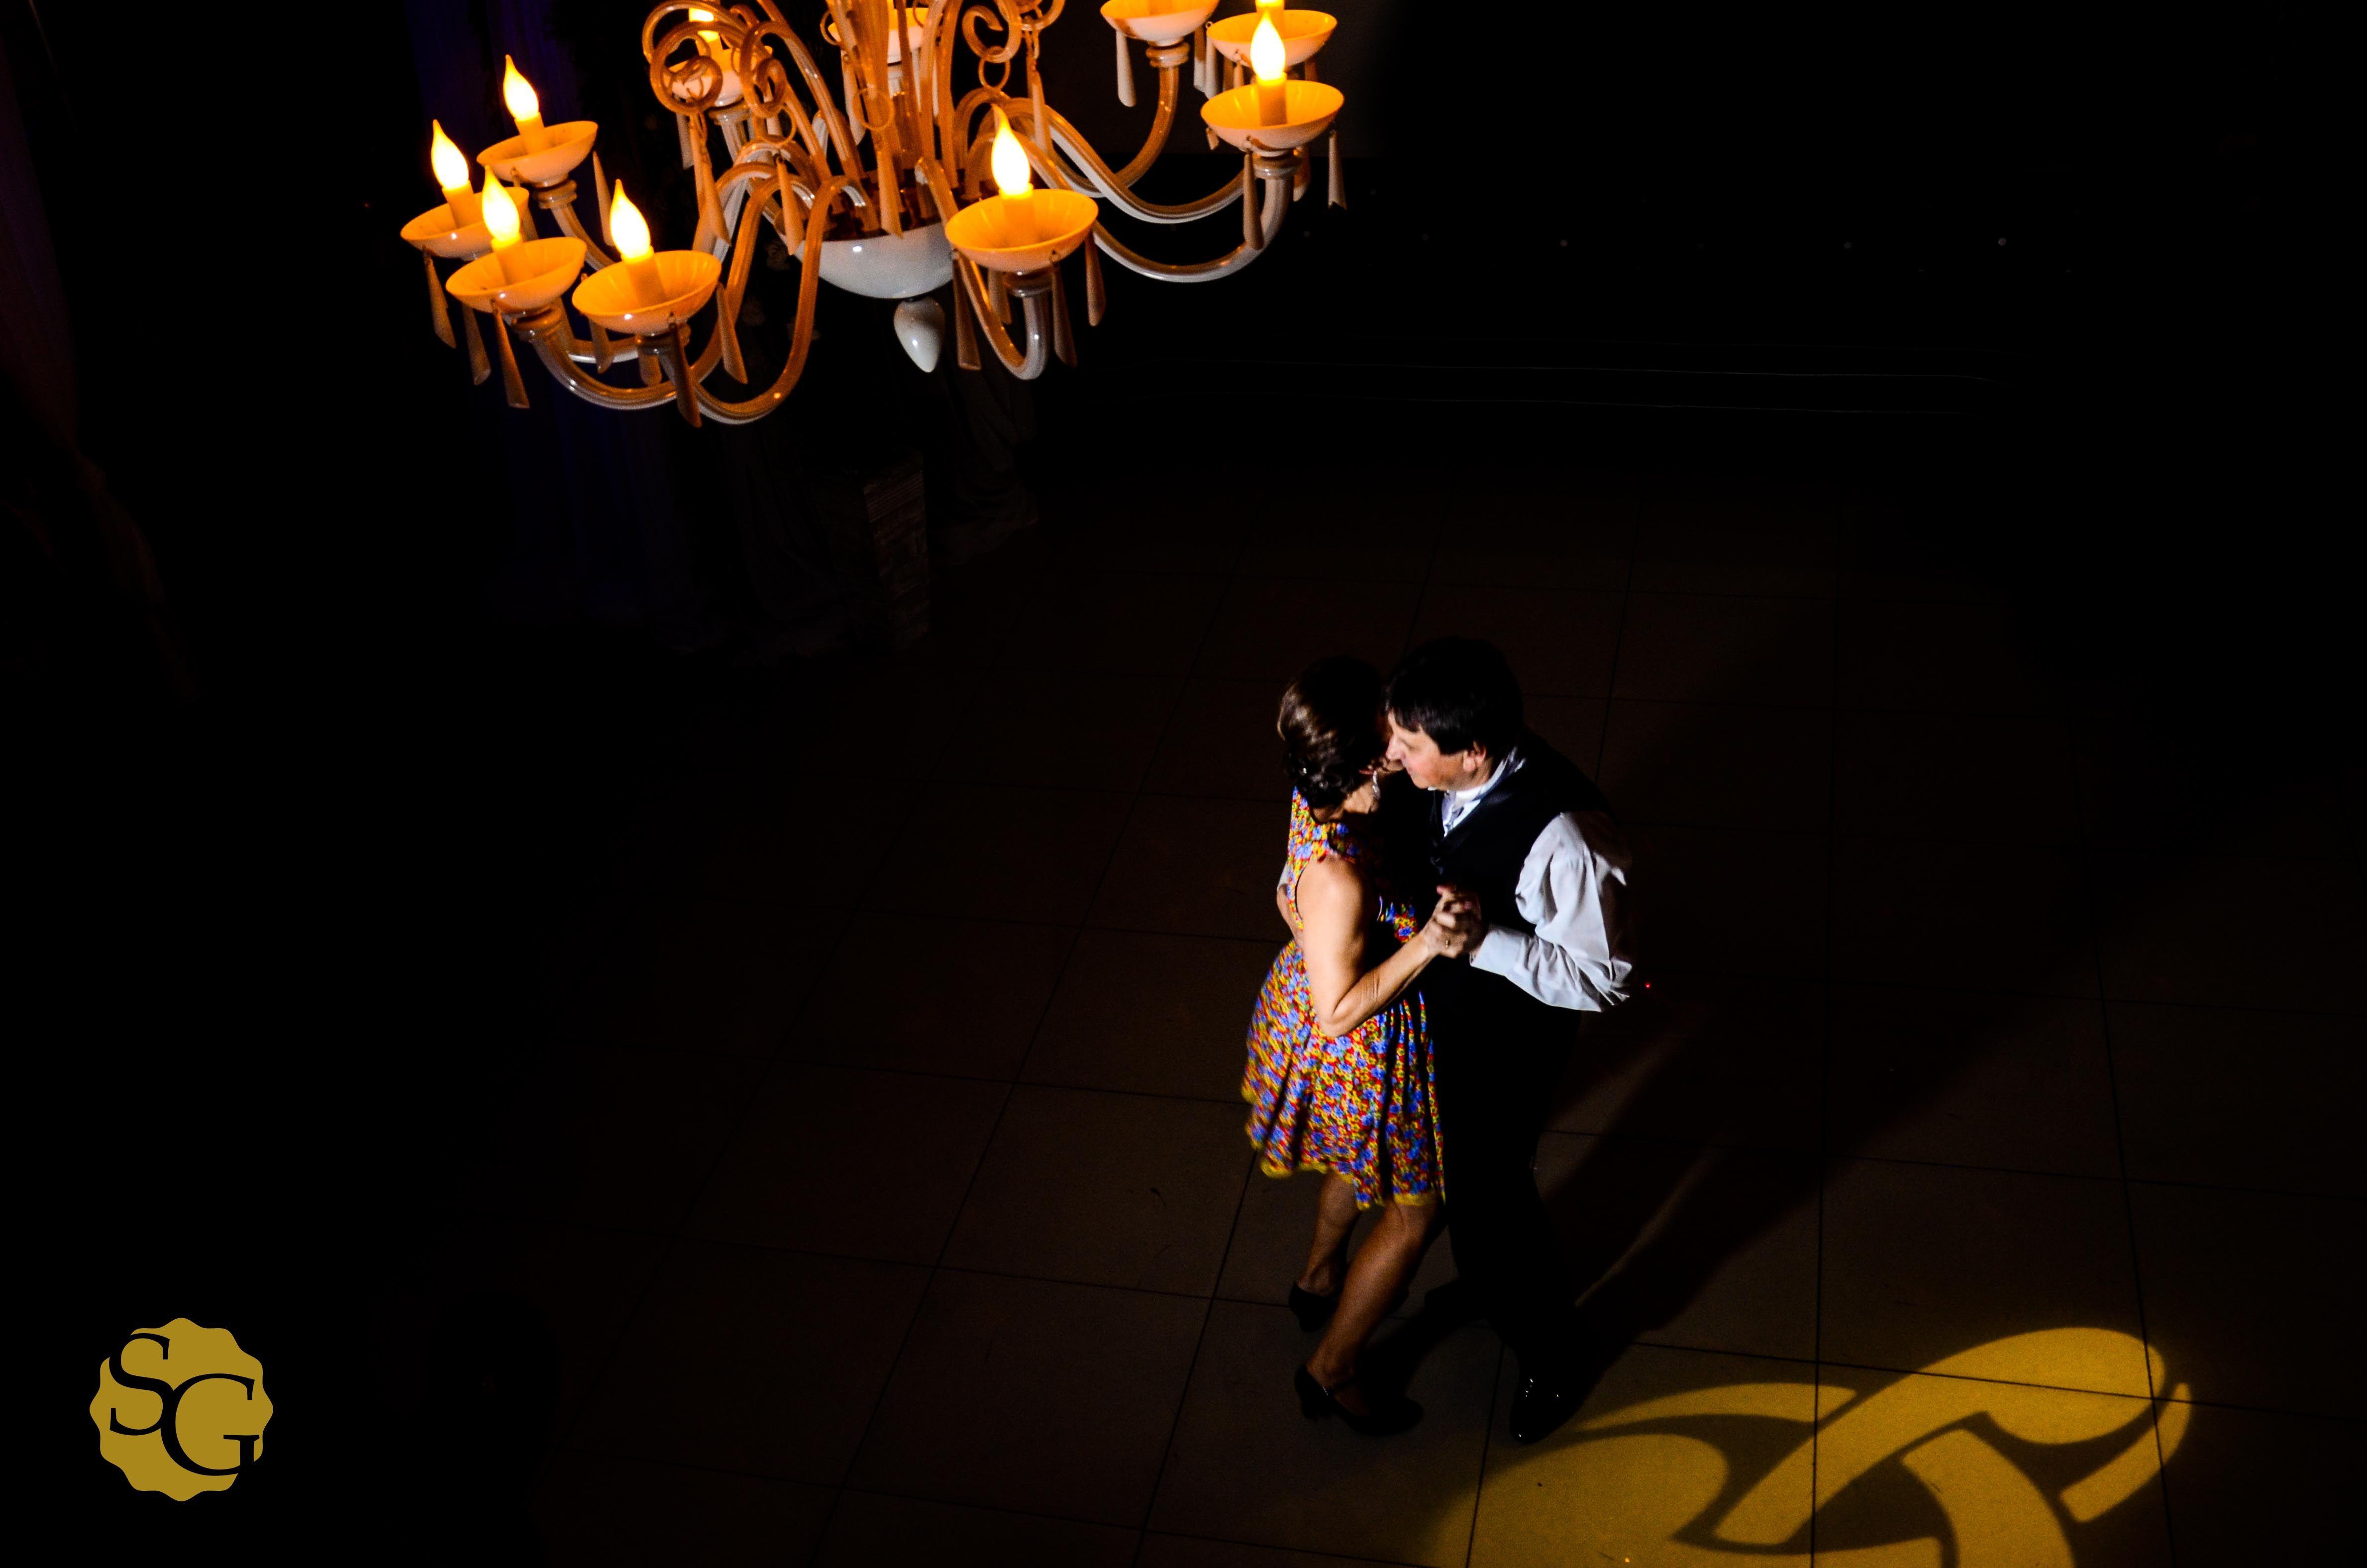 Ana e Marcio  #sergiogaeta #wedding #fotojornalismodecasamentosp #fotoscriativas #buffetstpaul #fotografiabodas  #bodasdeprata #25decasamento #fotojornalismo